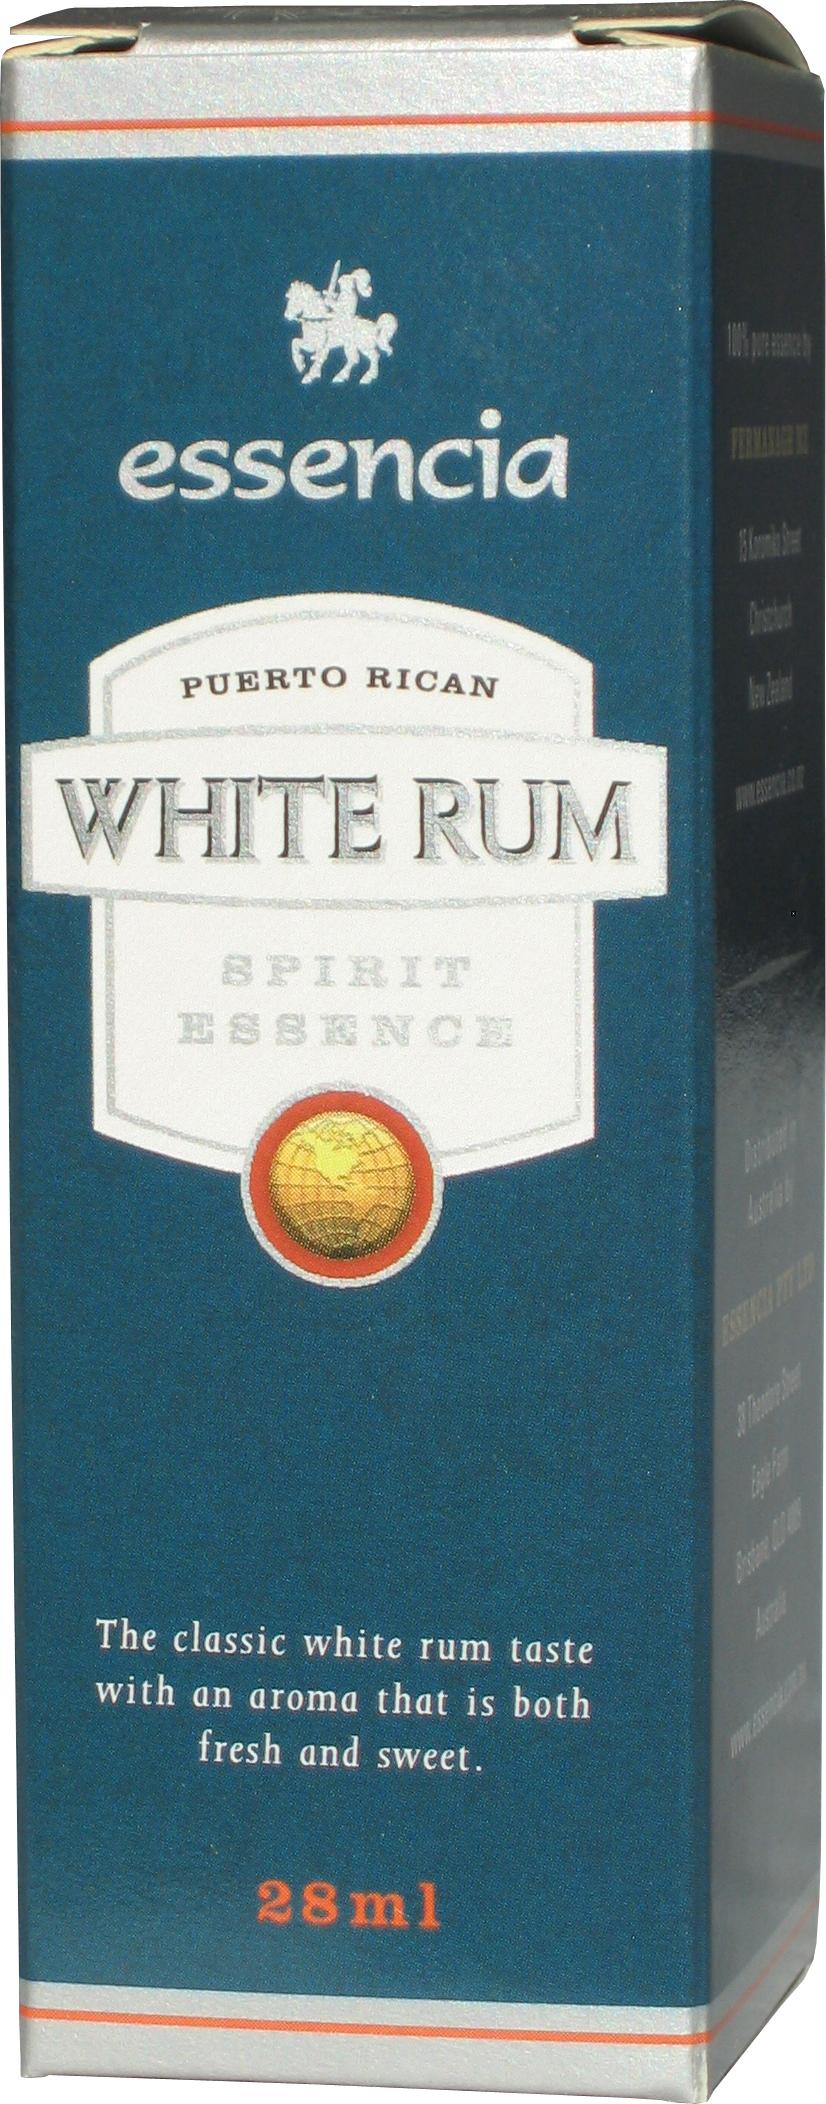 Essencia White Rum